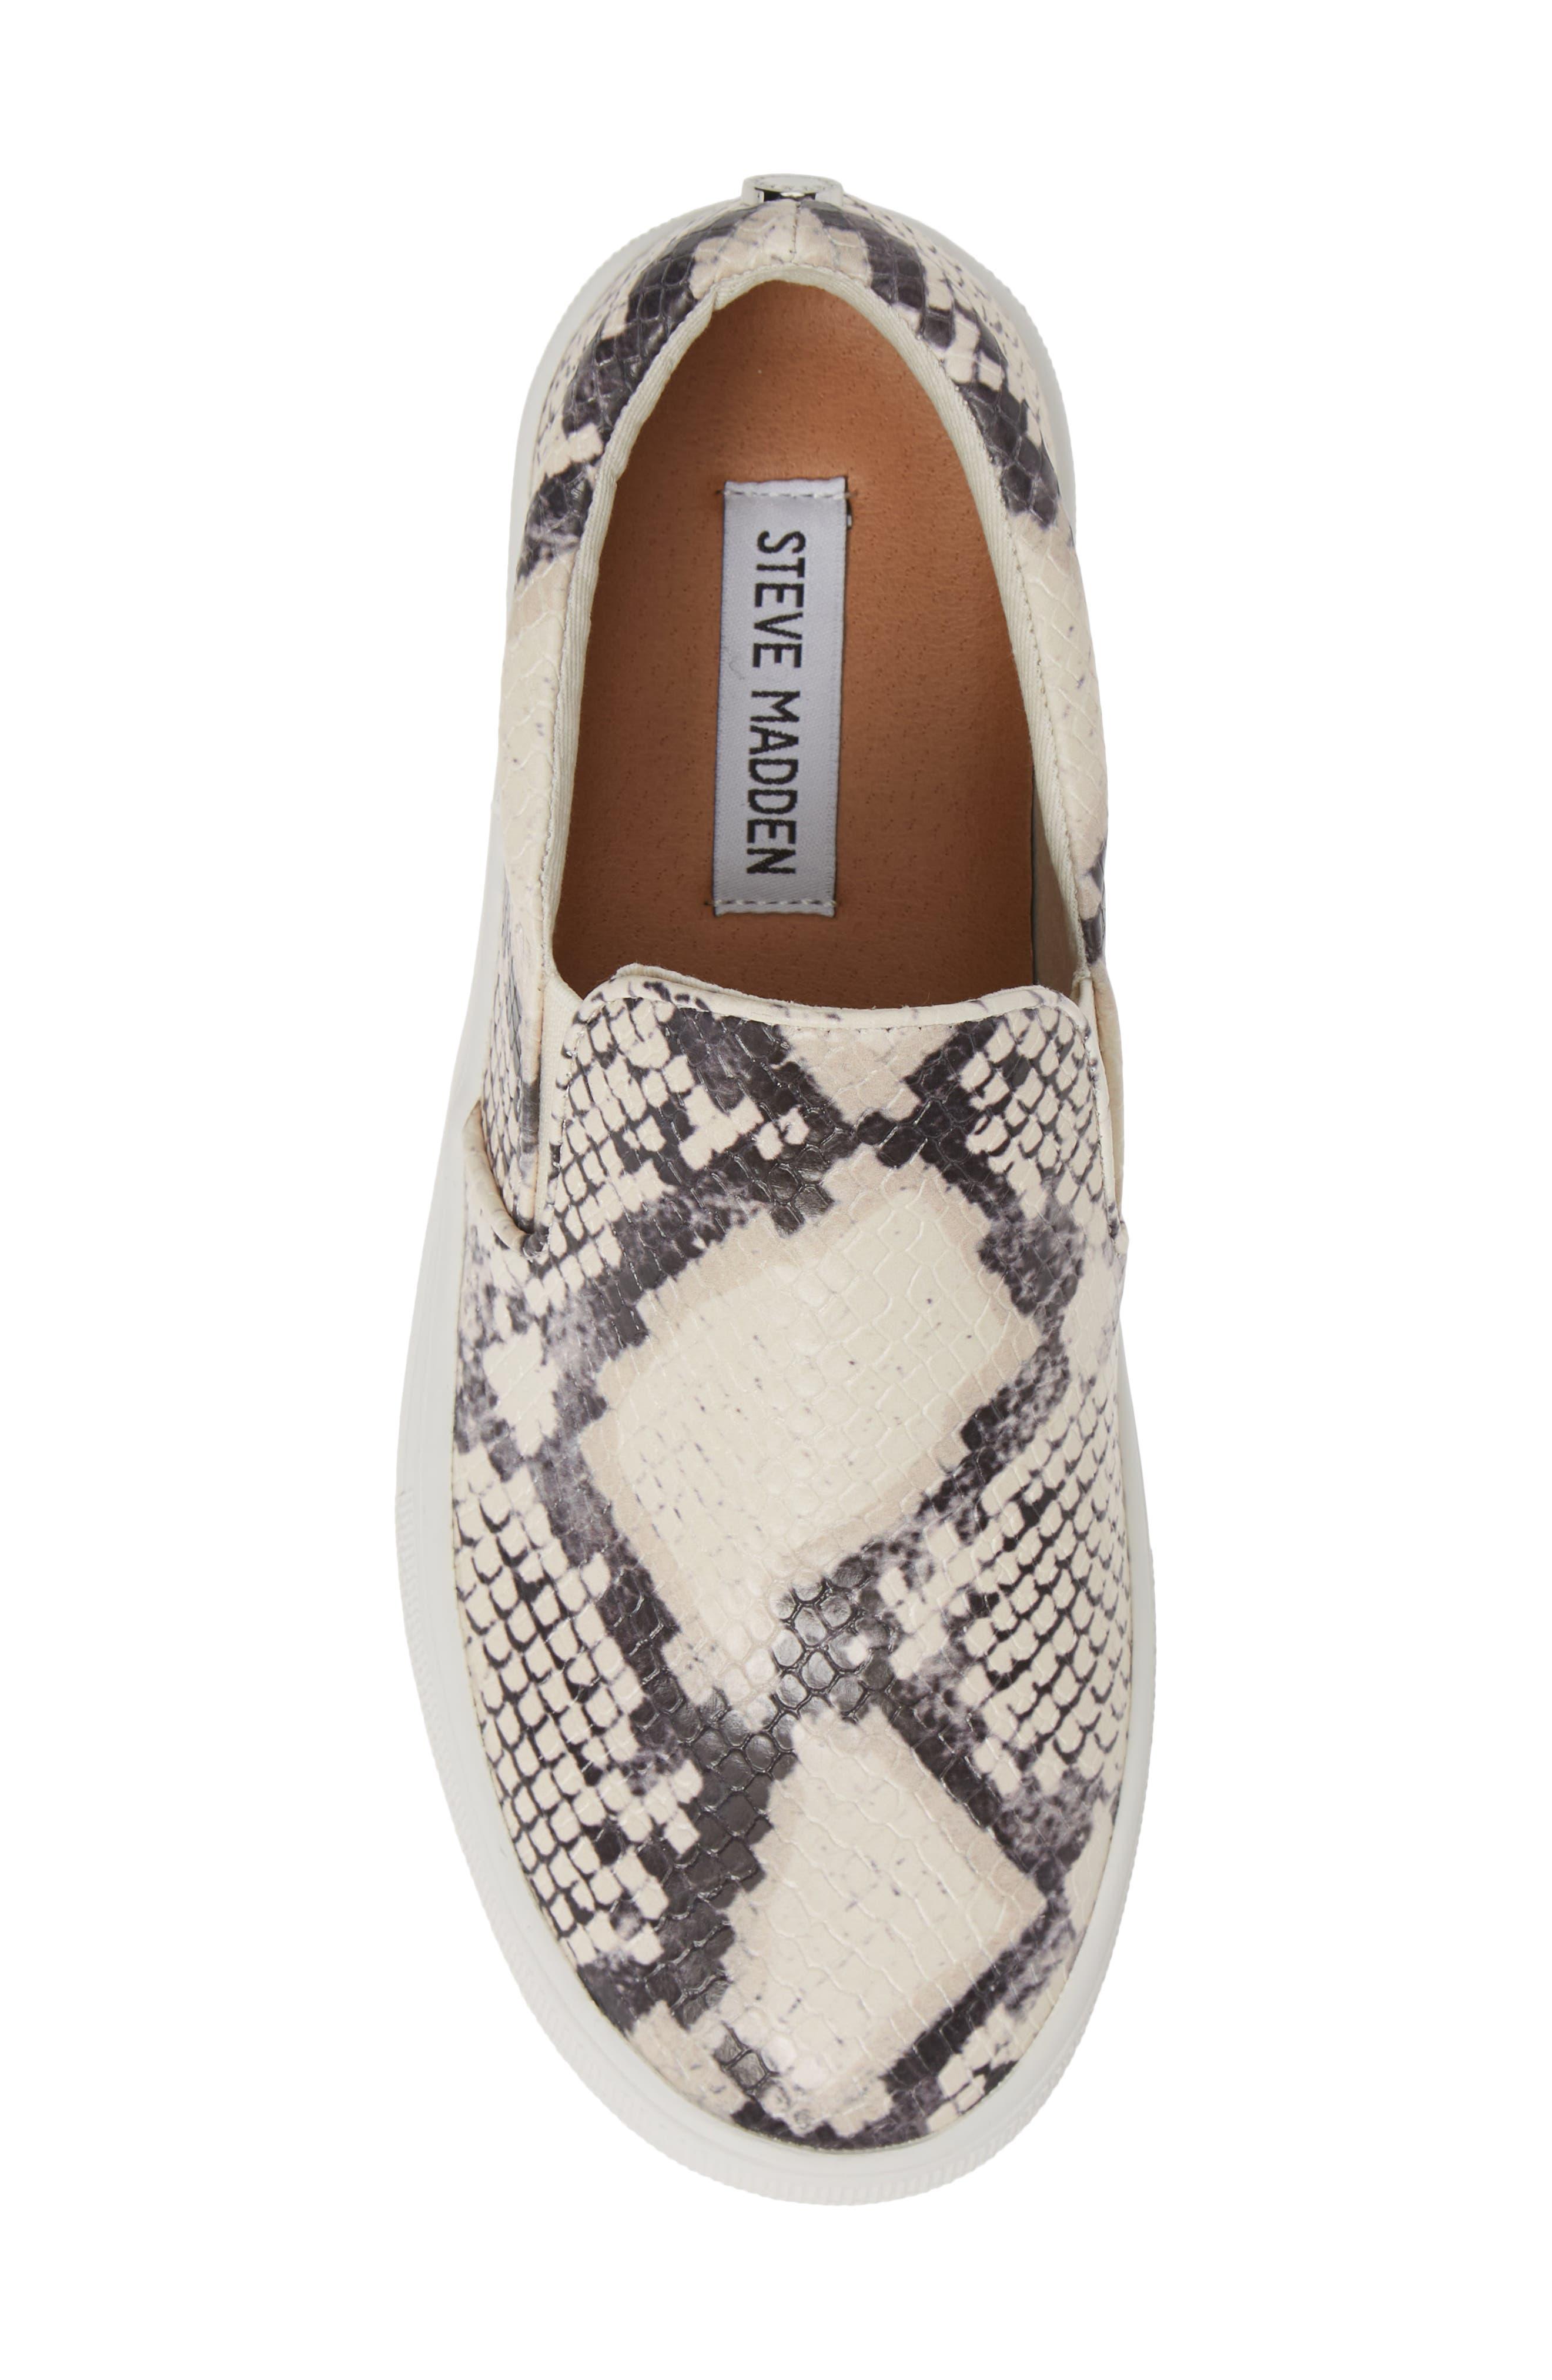 STEVE MADDEN, Gills Platform Slip-On Sneaker, Alternate thumbnail 5, color, BEIGE SNAKE PRINT